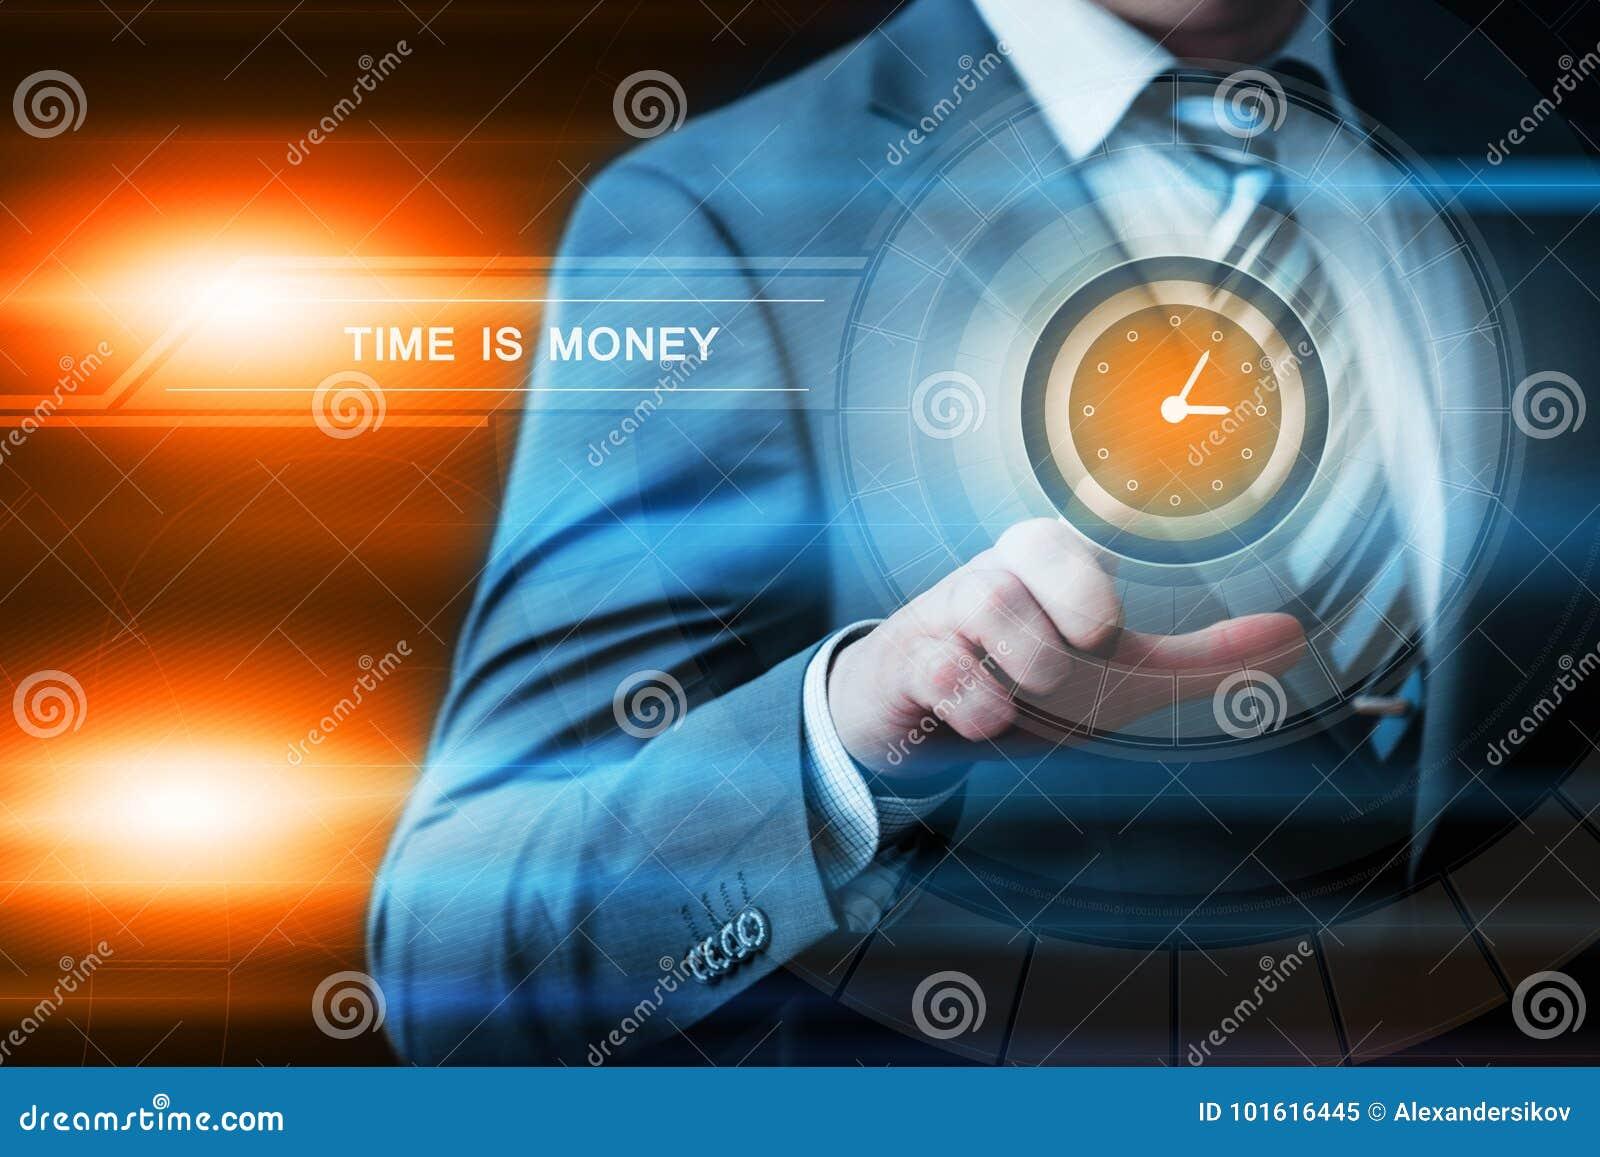 Ο χρόνος είναι έννοια Διαδικτύου επιχειρησιακής τεχνολογίας χρηματοδότησης επένδυσης χρημάτων